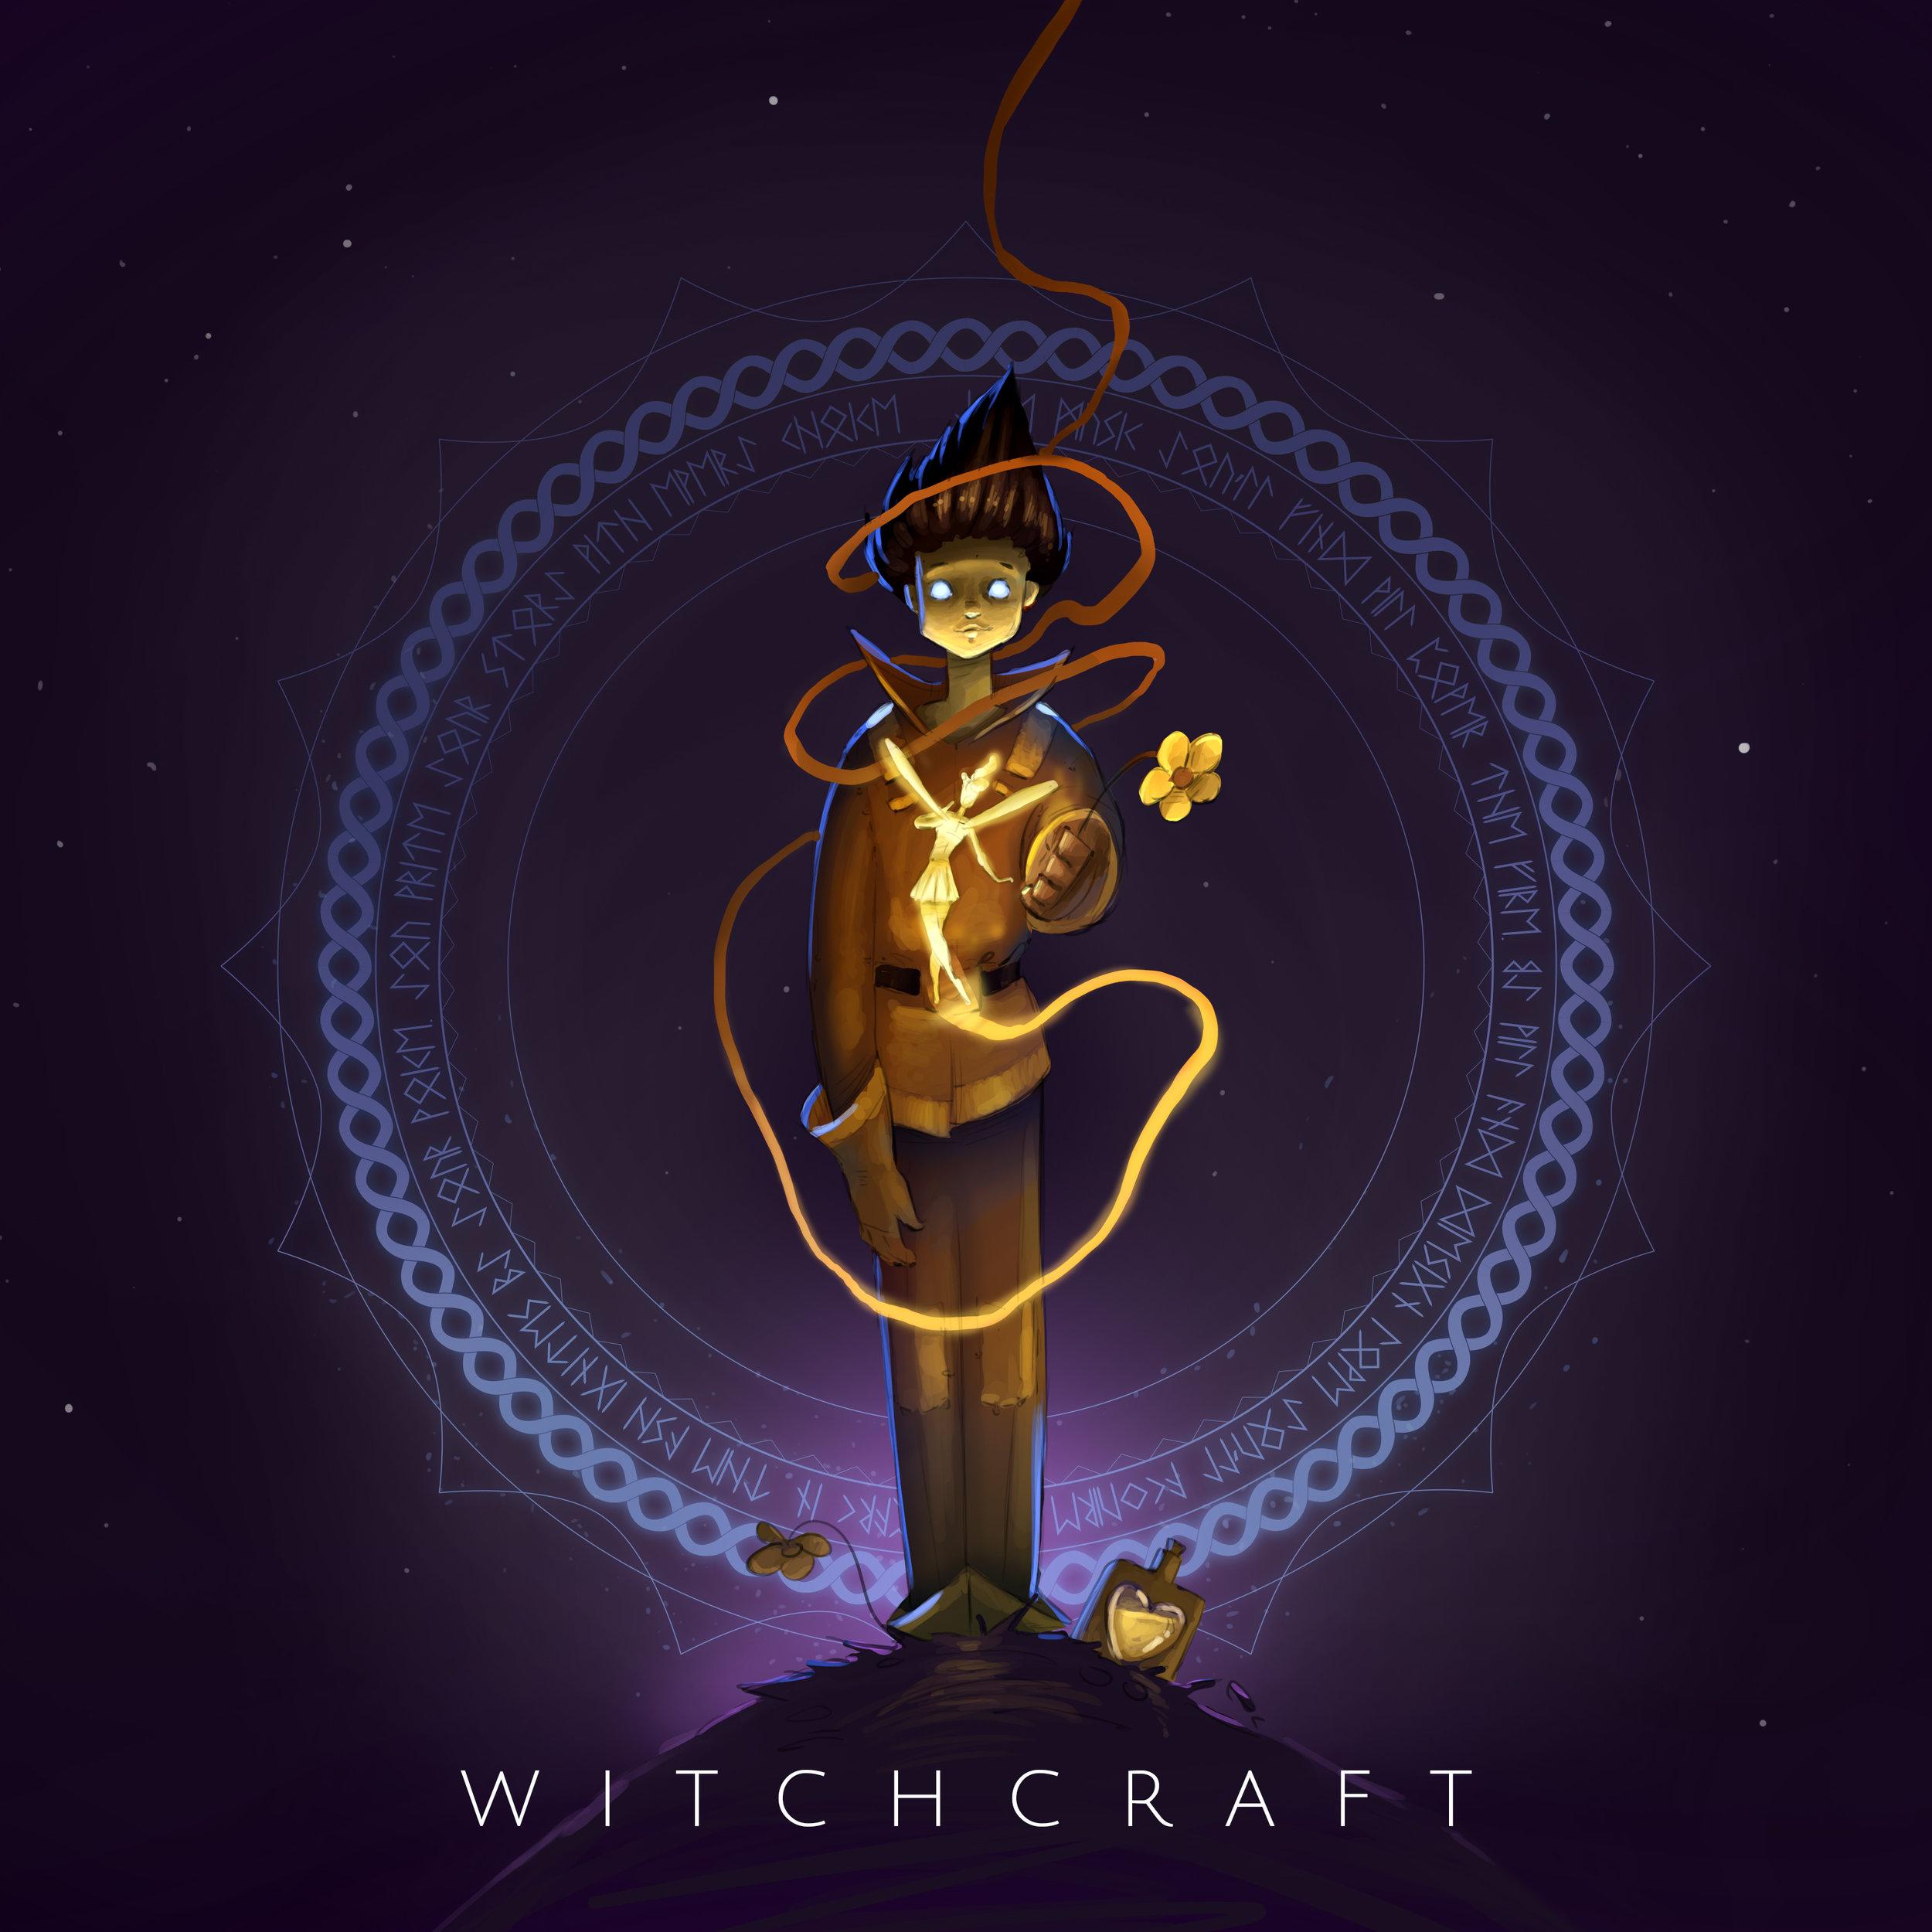 Witchcraft 3300p.jpg